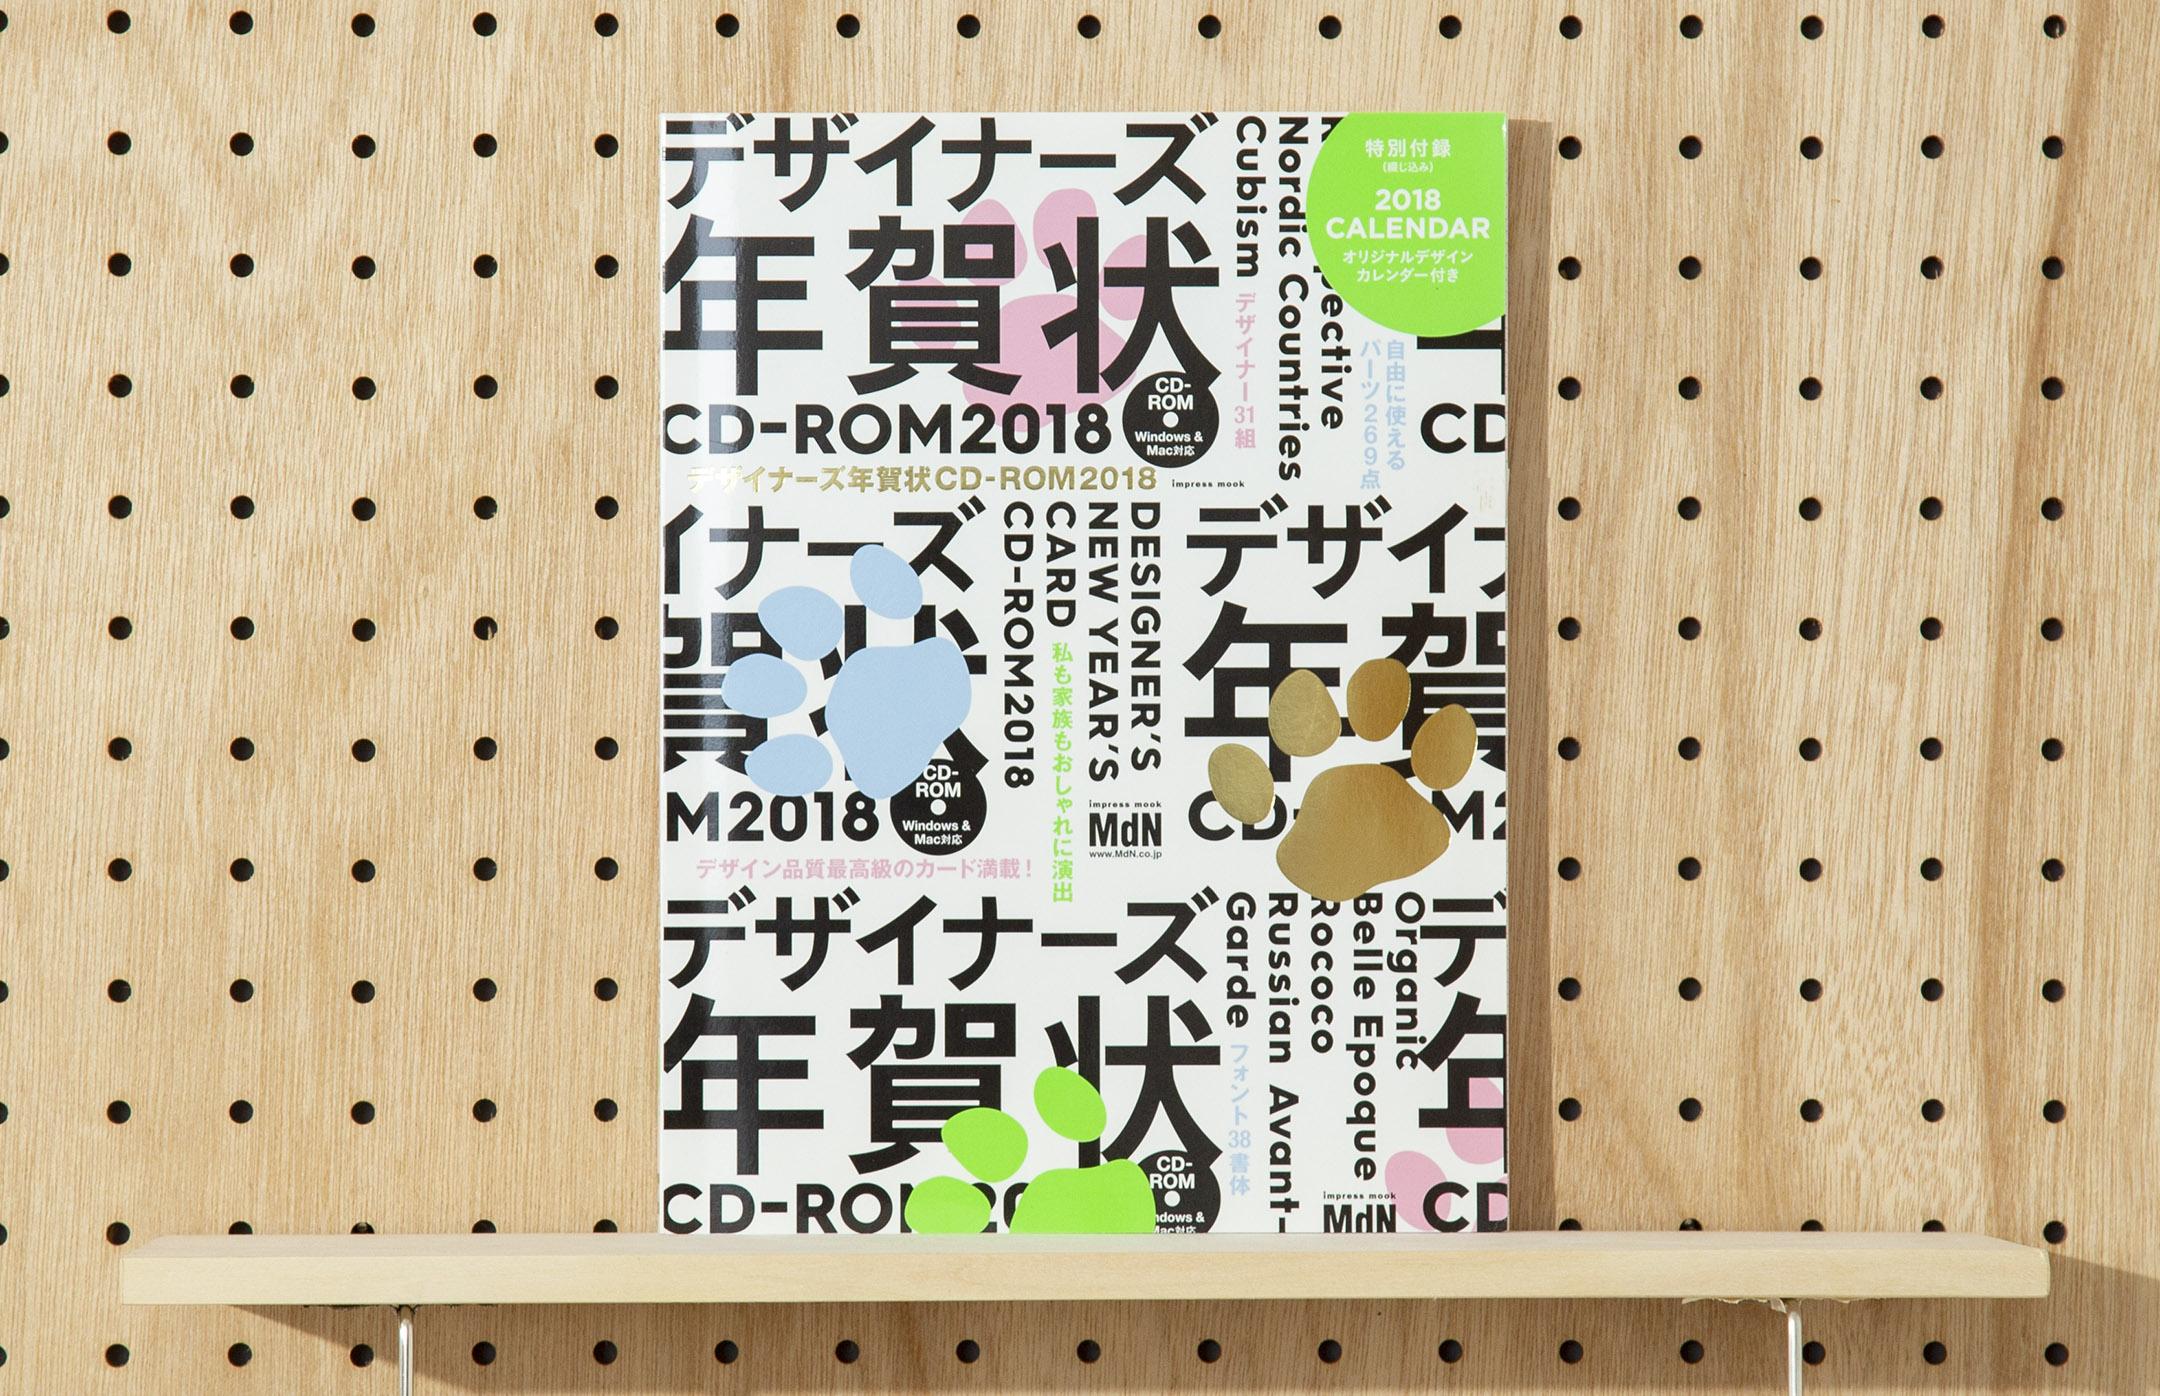 MdN「デザイナーズ年賀状CD-ROM2018」